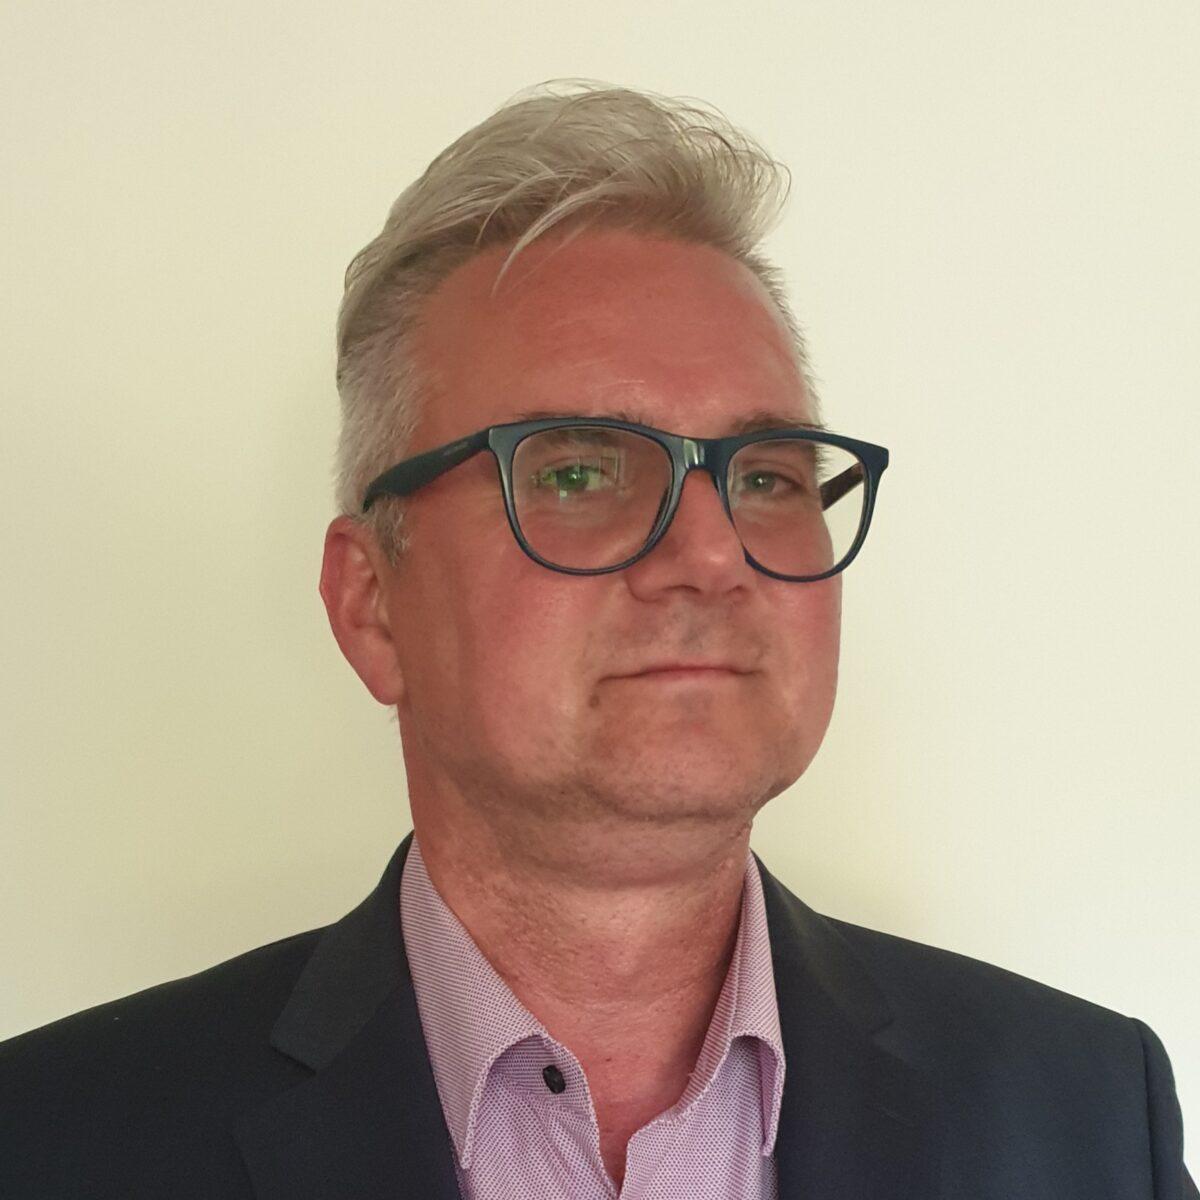 Jacek Kurzaj